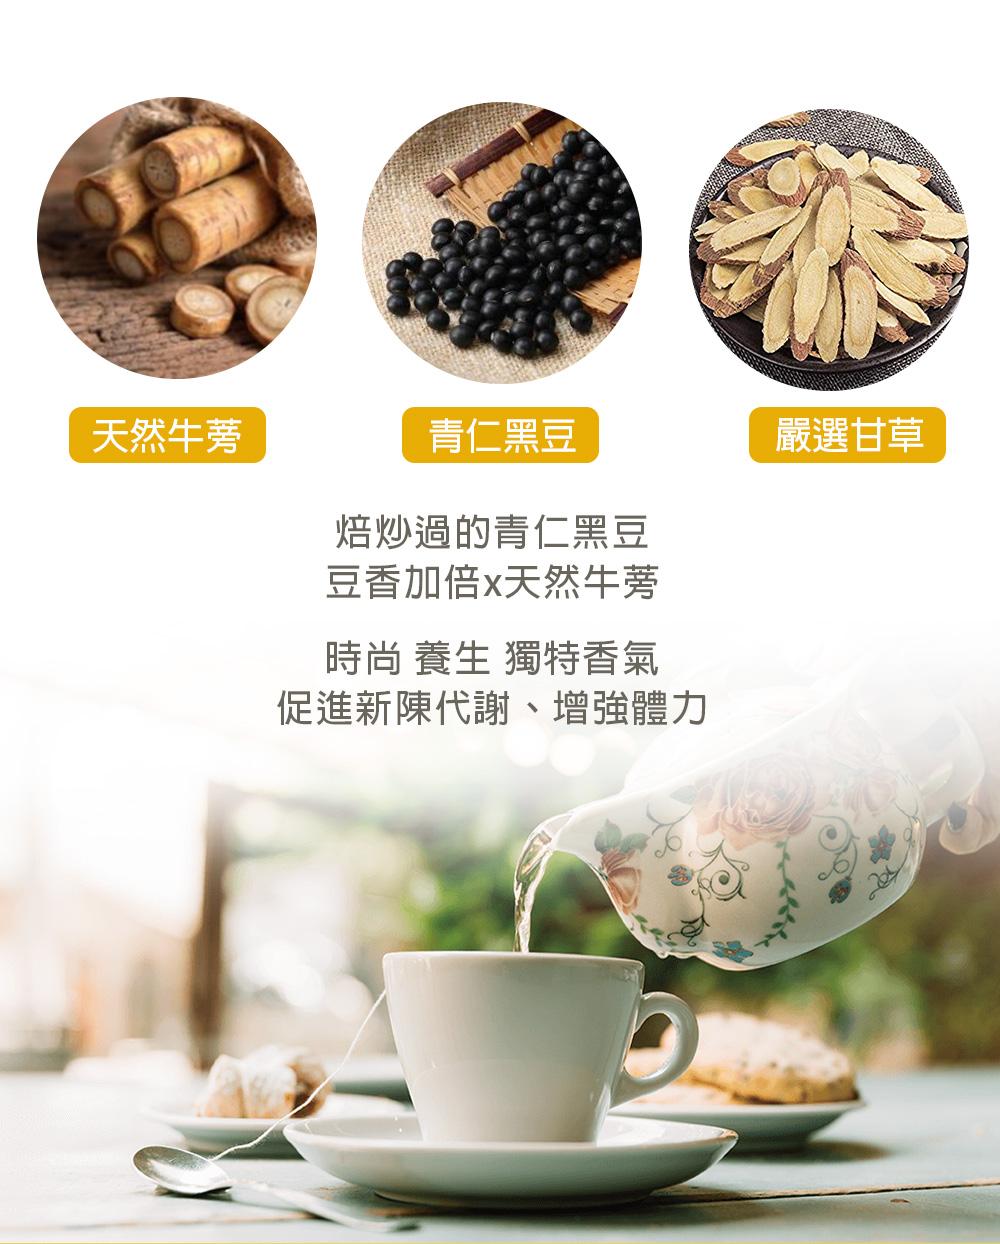 焙炒過的青仁黑豆,豆香加倍。天然牛蒡,獨特的香氣,時尚、養生,促進新陳代謝、增強體力 。